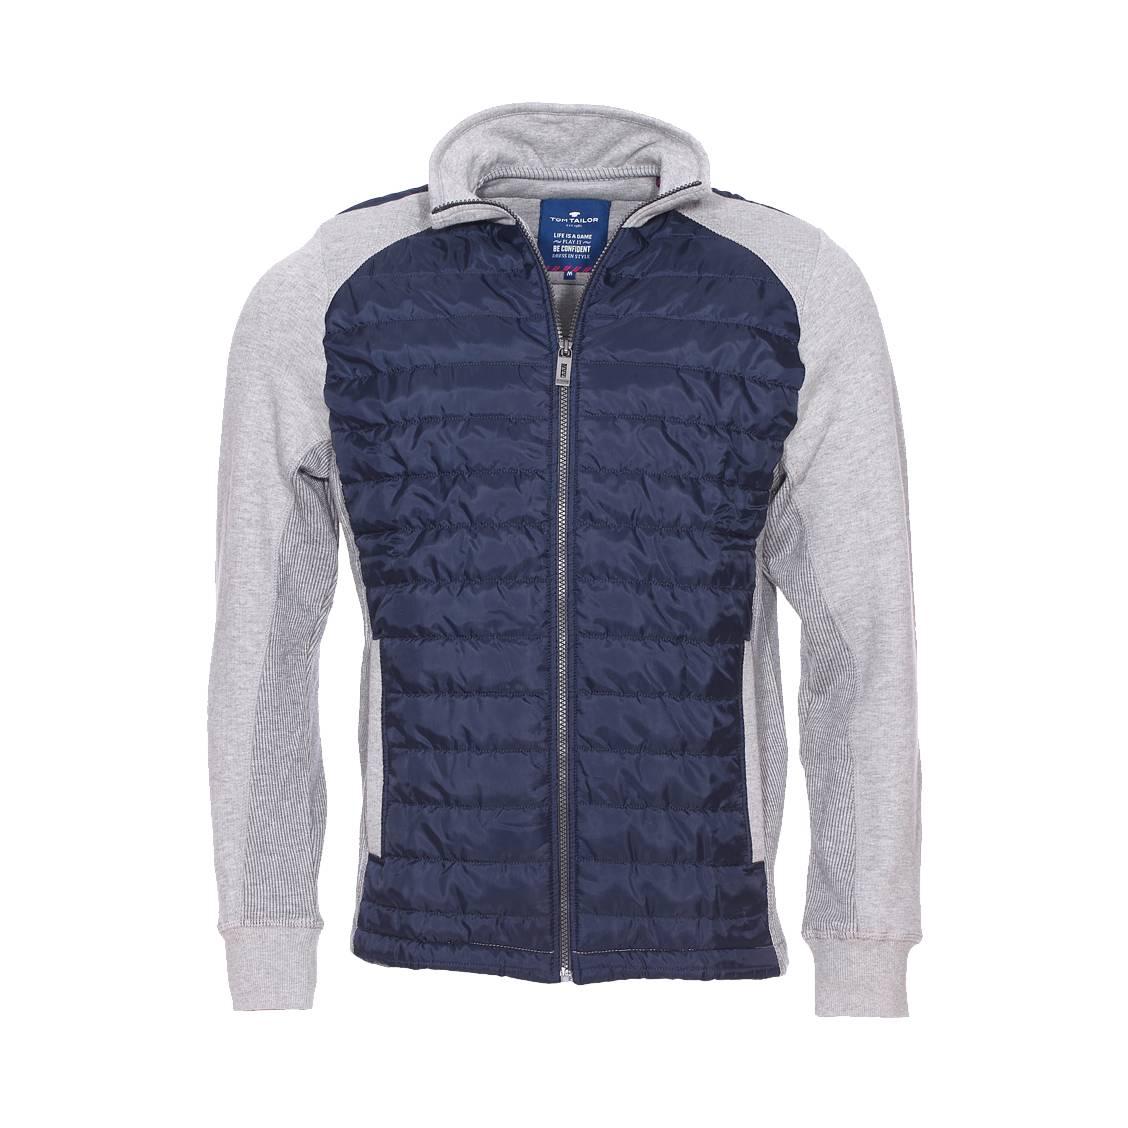 sweat zipp tom tailor en coton gris empi cements matelass s bleu marine rue des hommes. Black Bedroom Furniture Sets. Home Design Ideas